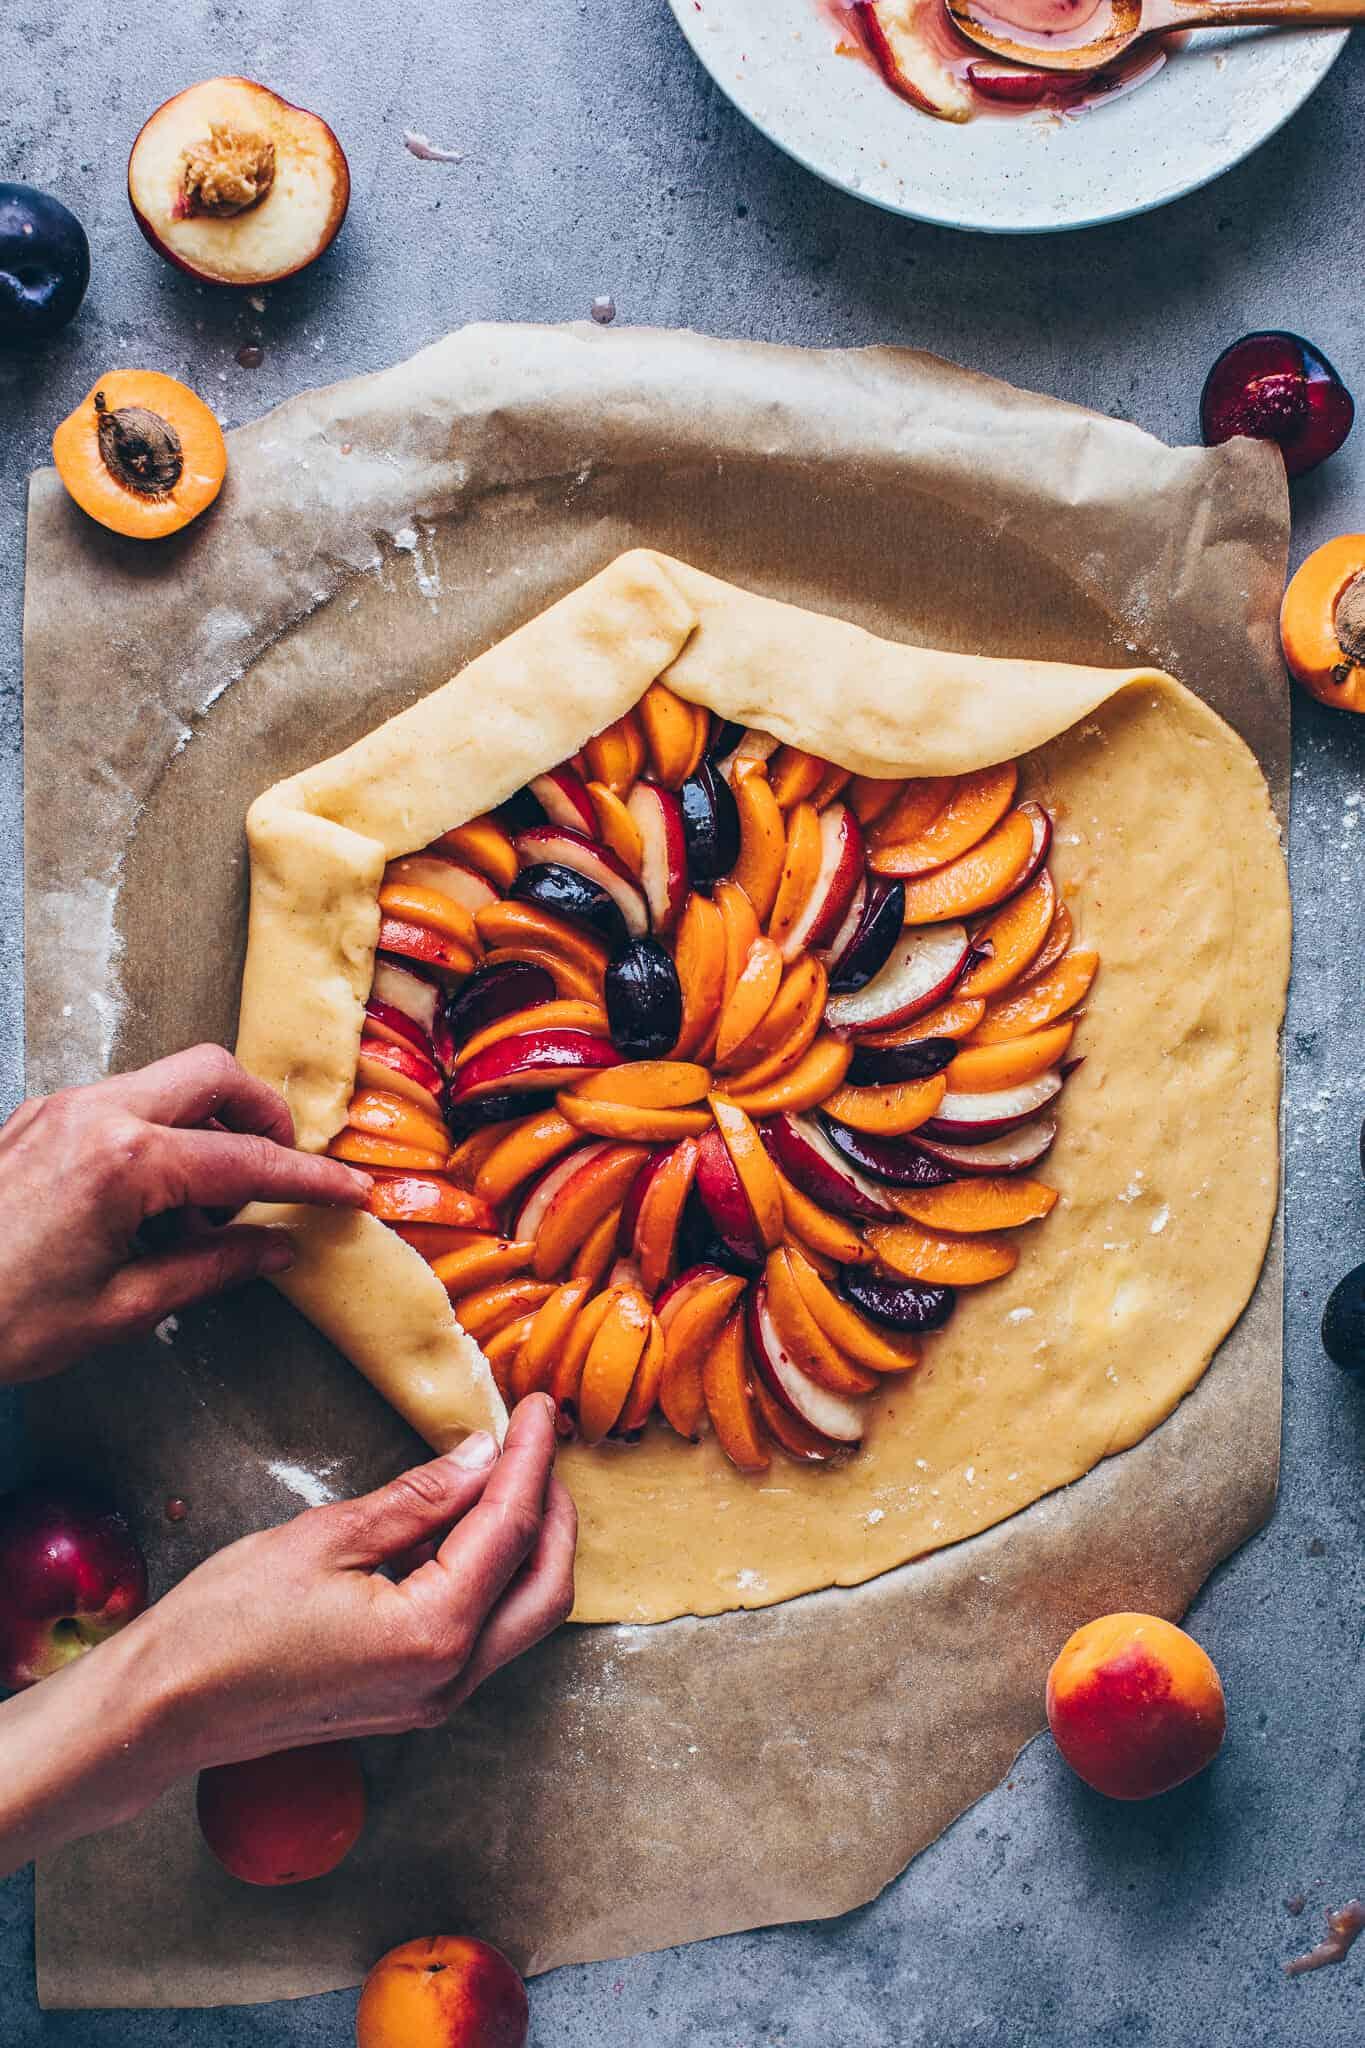 Obst Galette Rezept mit Mandeln, Pfirsichen, Aprikosen, Nektarinen, Pflaumen. Selbstgemachter veganer Mürbeteig ohne Ei. Glutenfrei, einfach. Schritt-fuer-Schritt Anleitung.